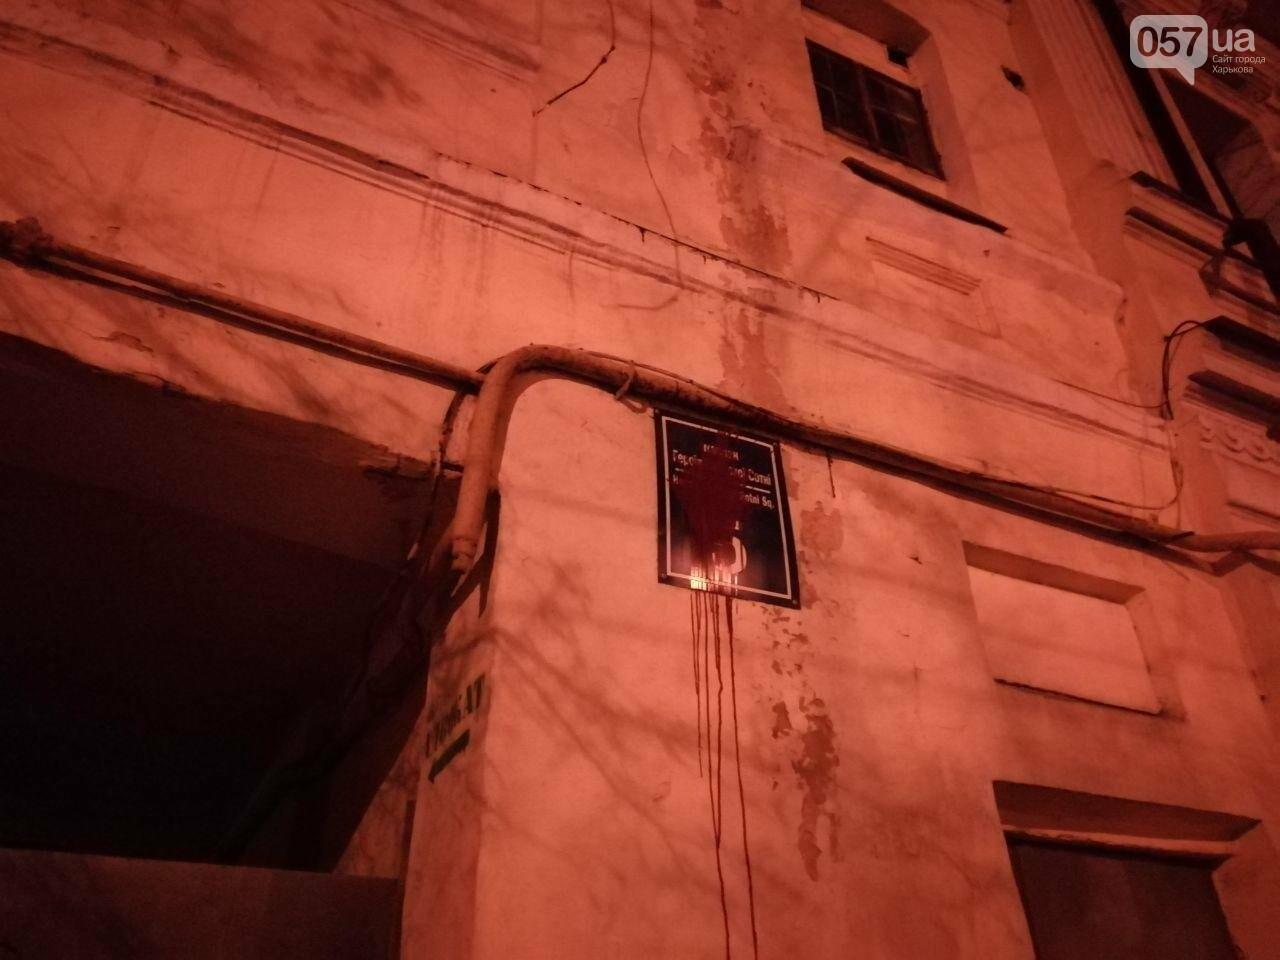 В Харькове облили краской адресные таблички на площади Героев Небесной Сотни, - ФОТО, фото-1